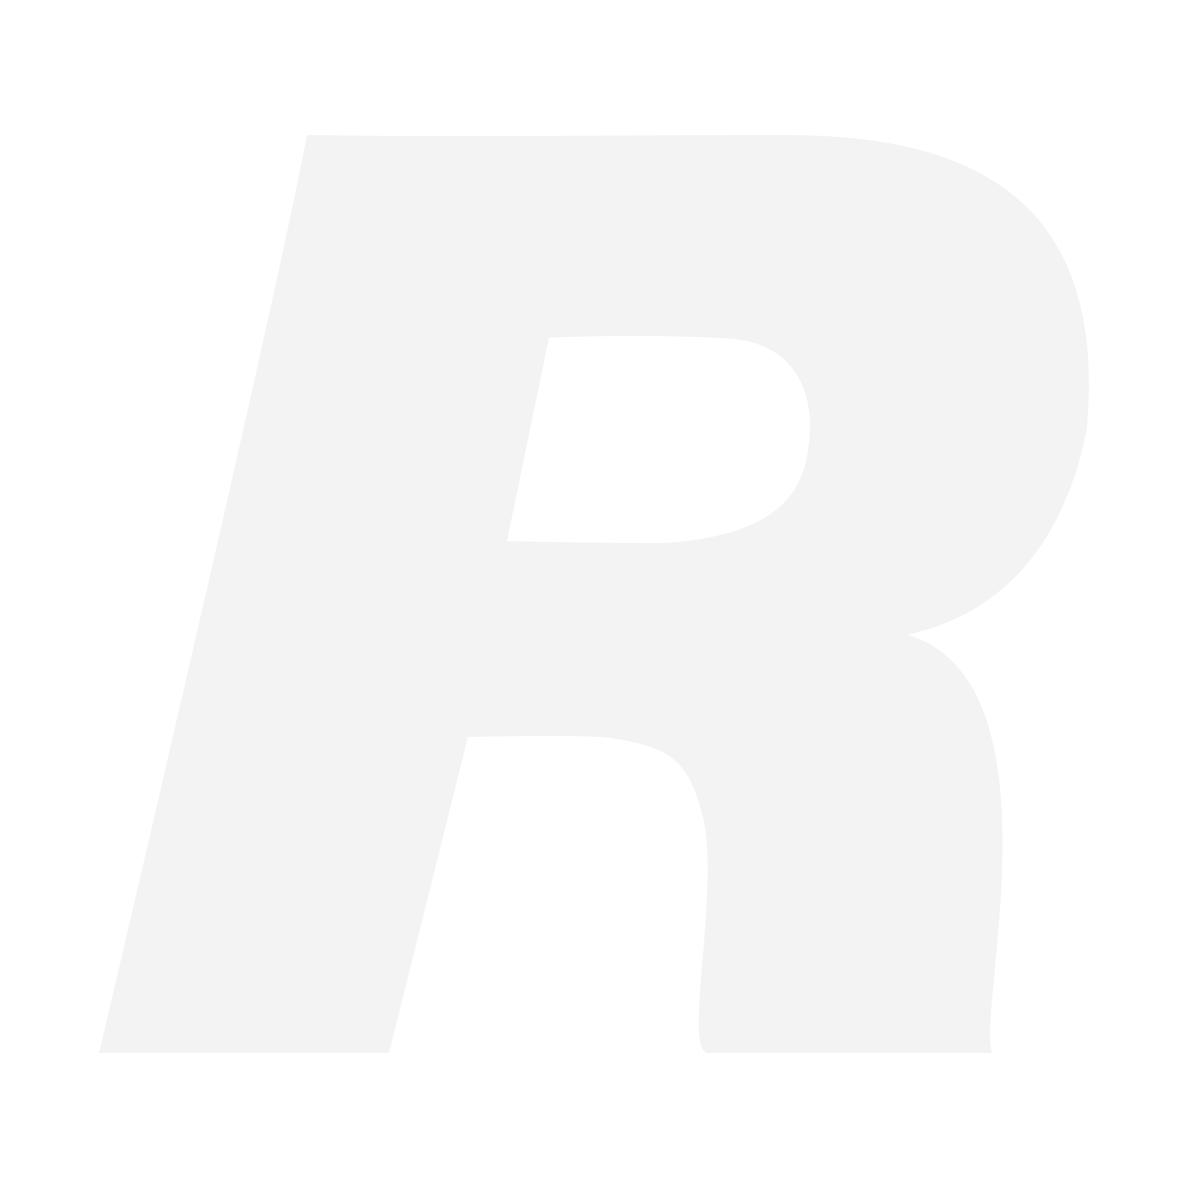 AURORA 2X RCA STEREO 3M